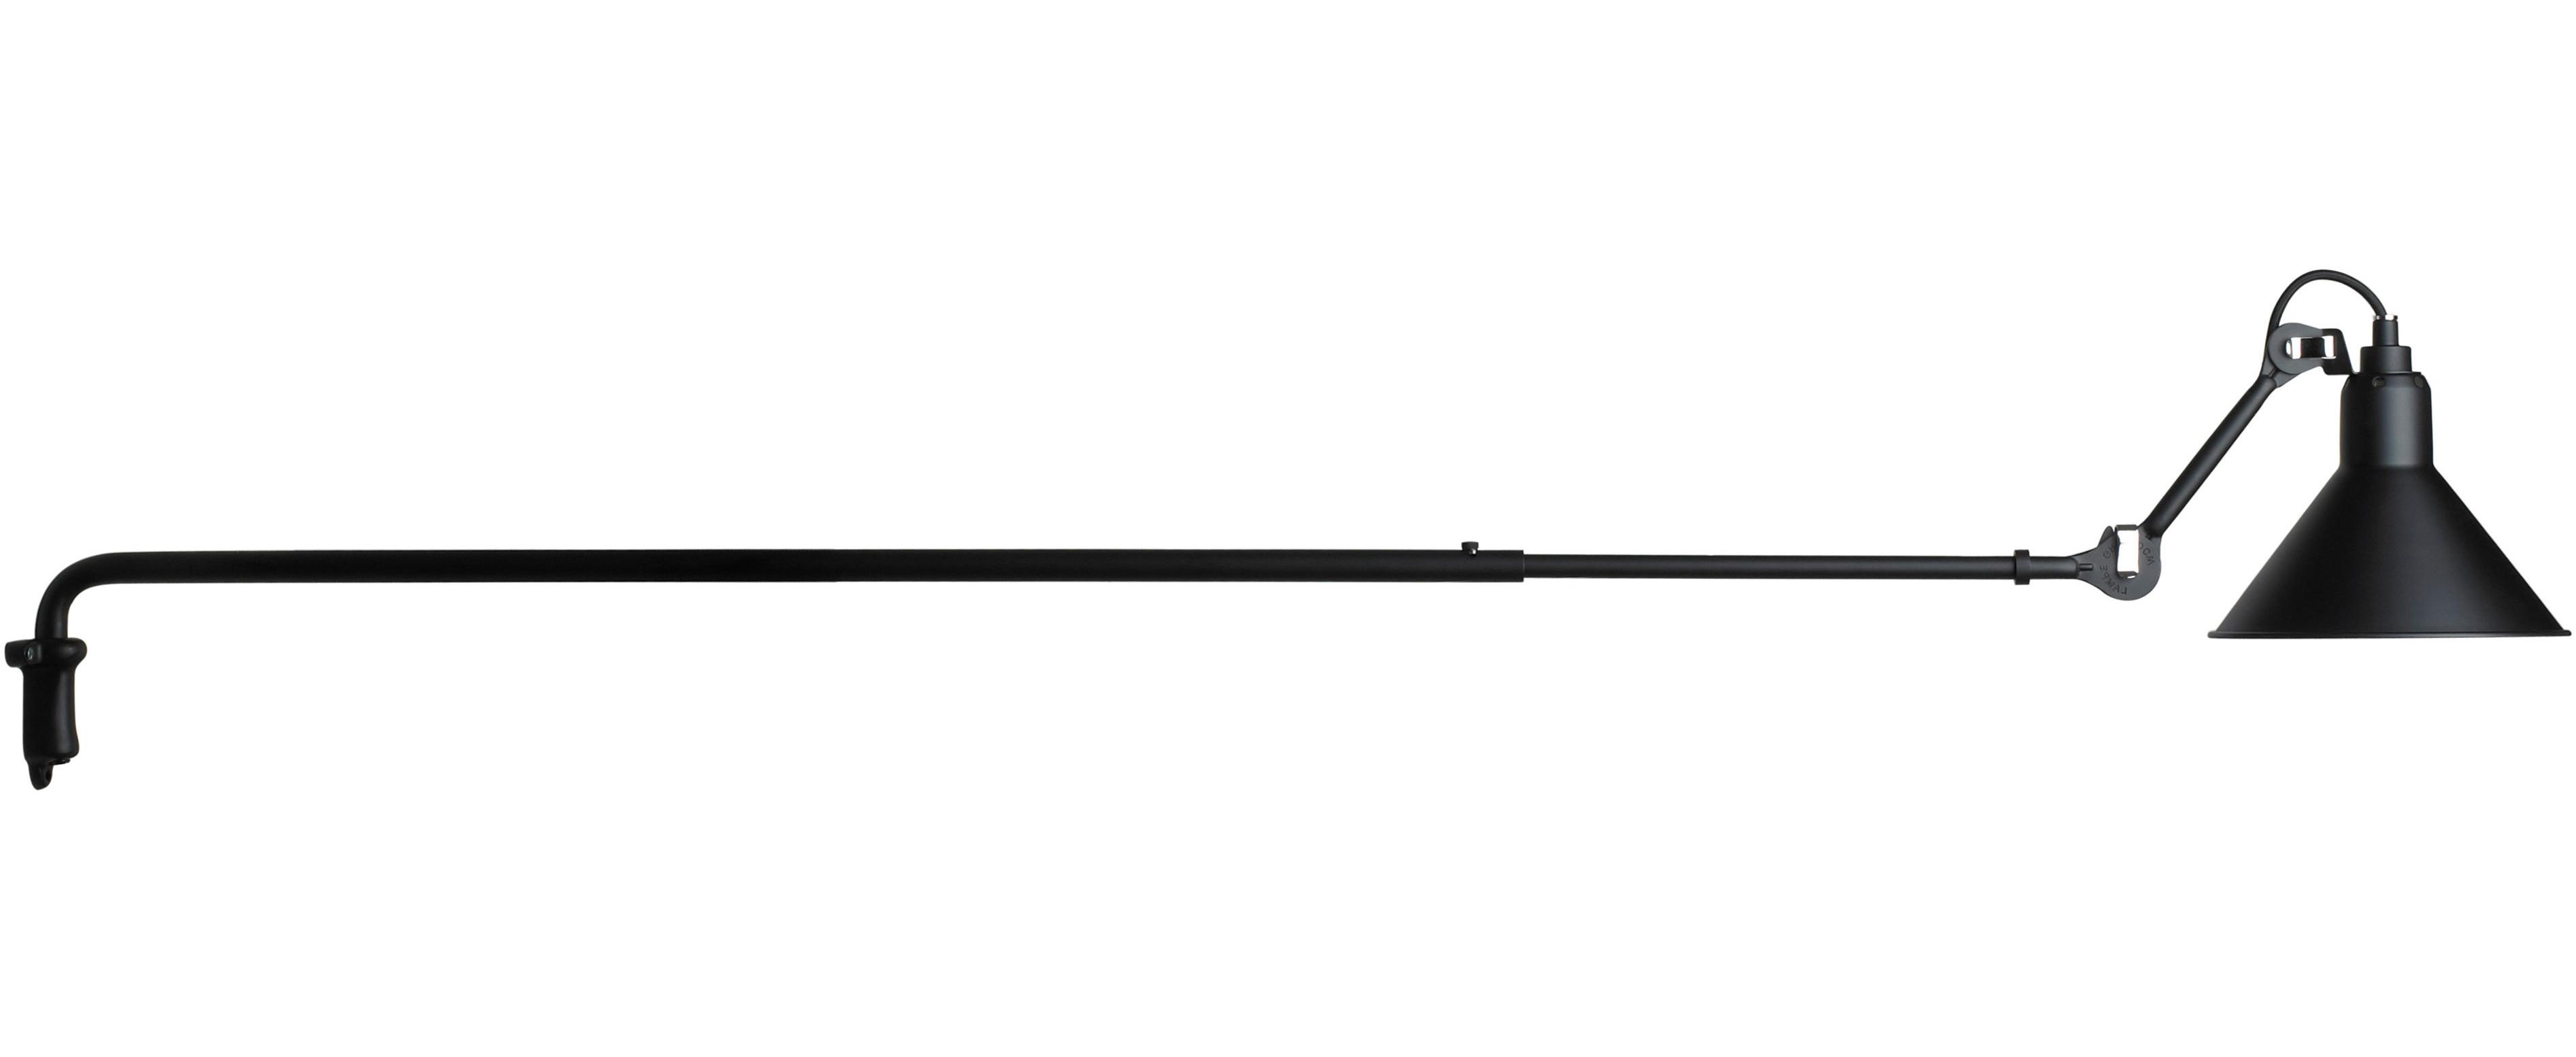 Luminaire - Appliques - Applique N°213 / Bras téléscopique - Lampe Gras - DCW éditions - Noir mat - Acier